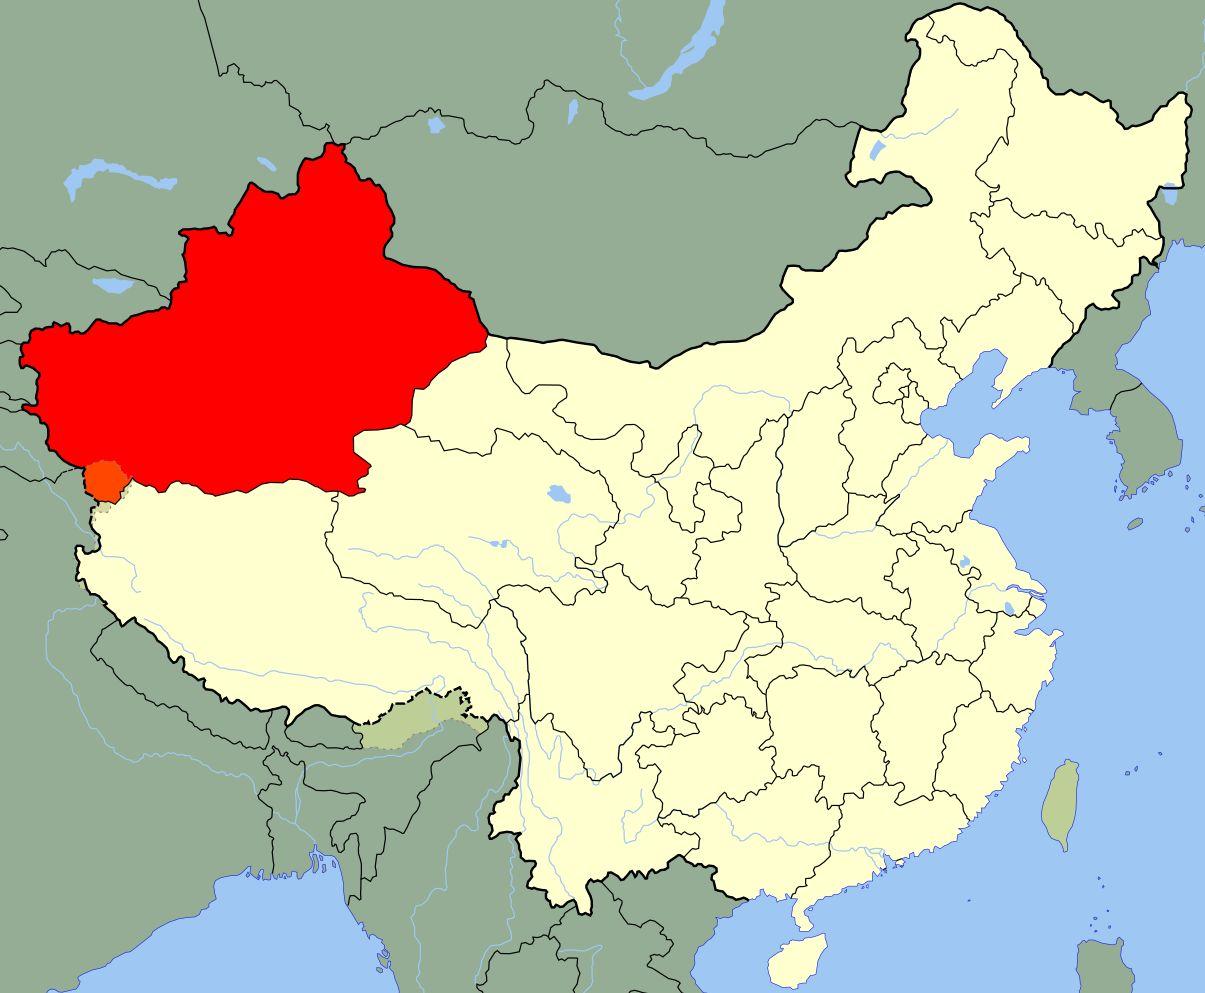 Wyróżniona na czerwono część Chin to Sinkiang (autor: Joowwww / wikimedia.org / domena publiczna)